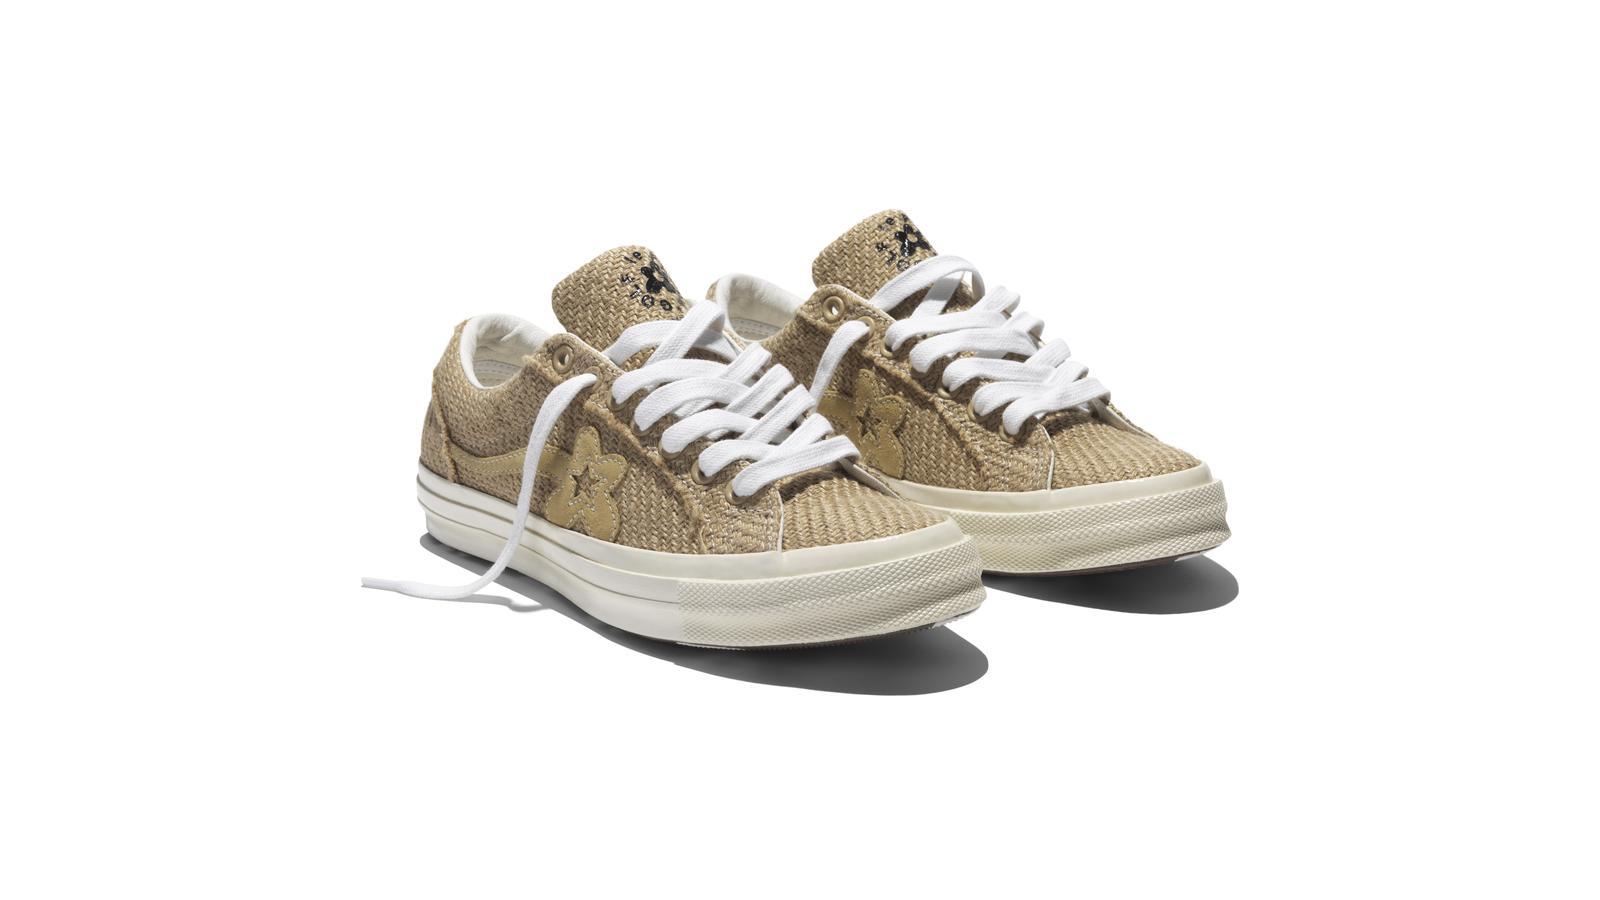 f5f01d166b5e Converse GOLF le FLEUR  One Star Chuck 70 - Nike News